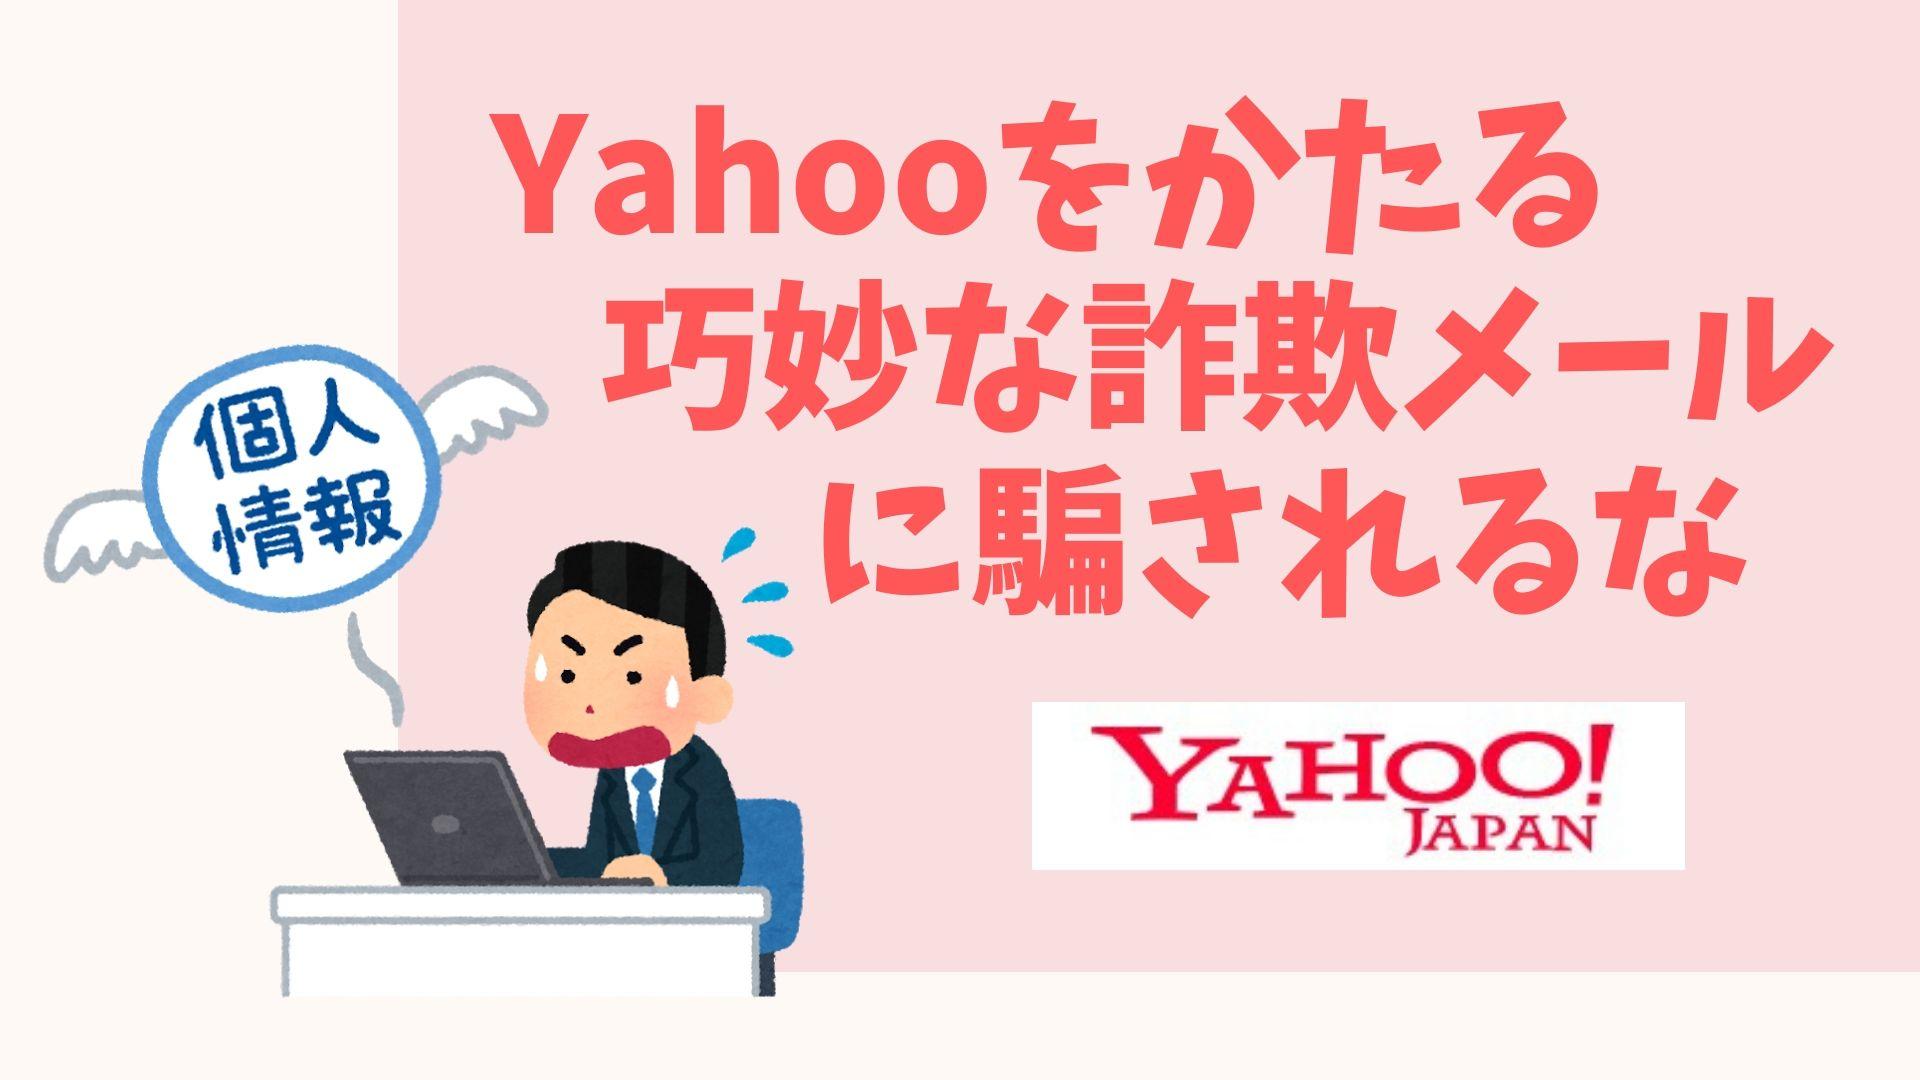 adfb2c05eab9e58cc749596fd887eb39 - Yahoo!Japanをかたる詐欺メールに注意!個人情報の入力は絶対ダメ!